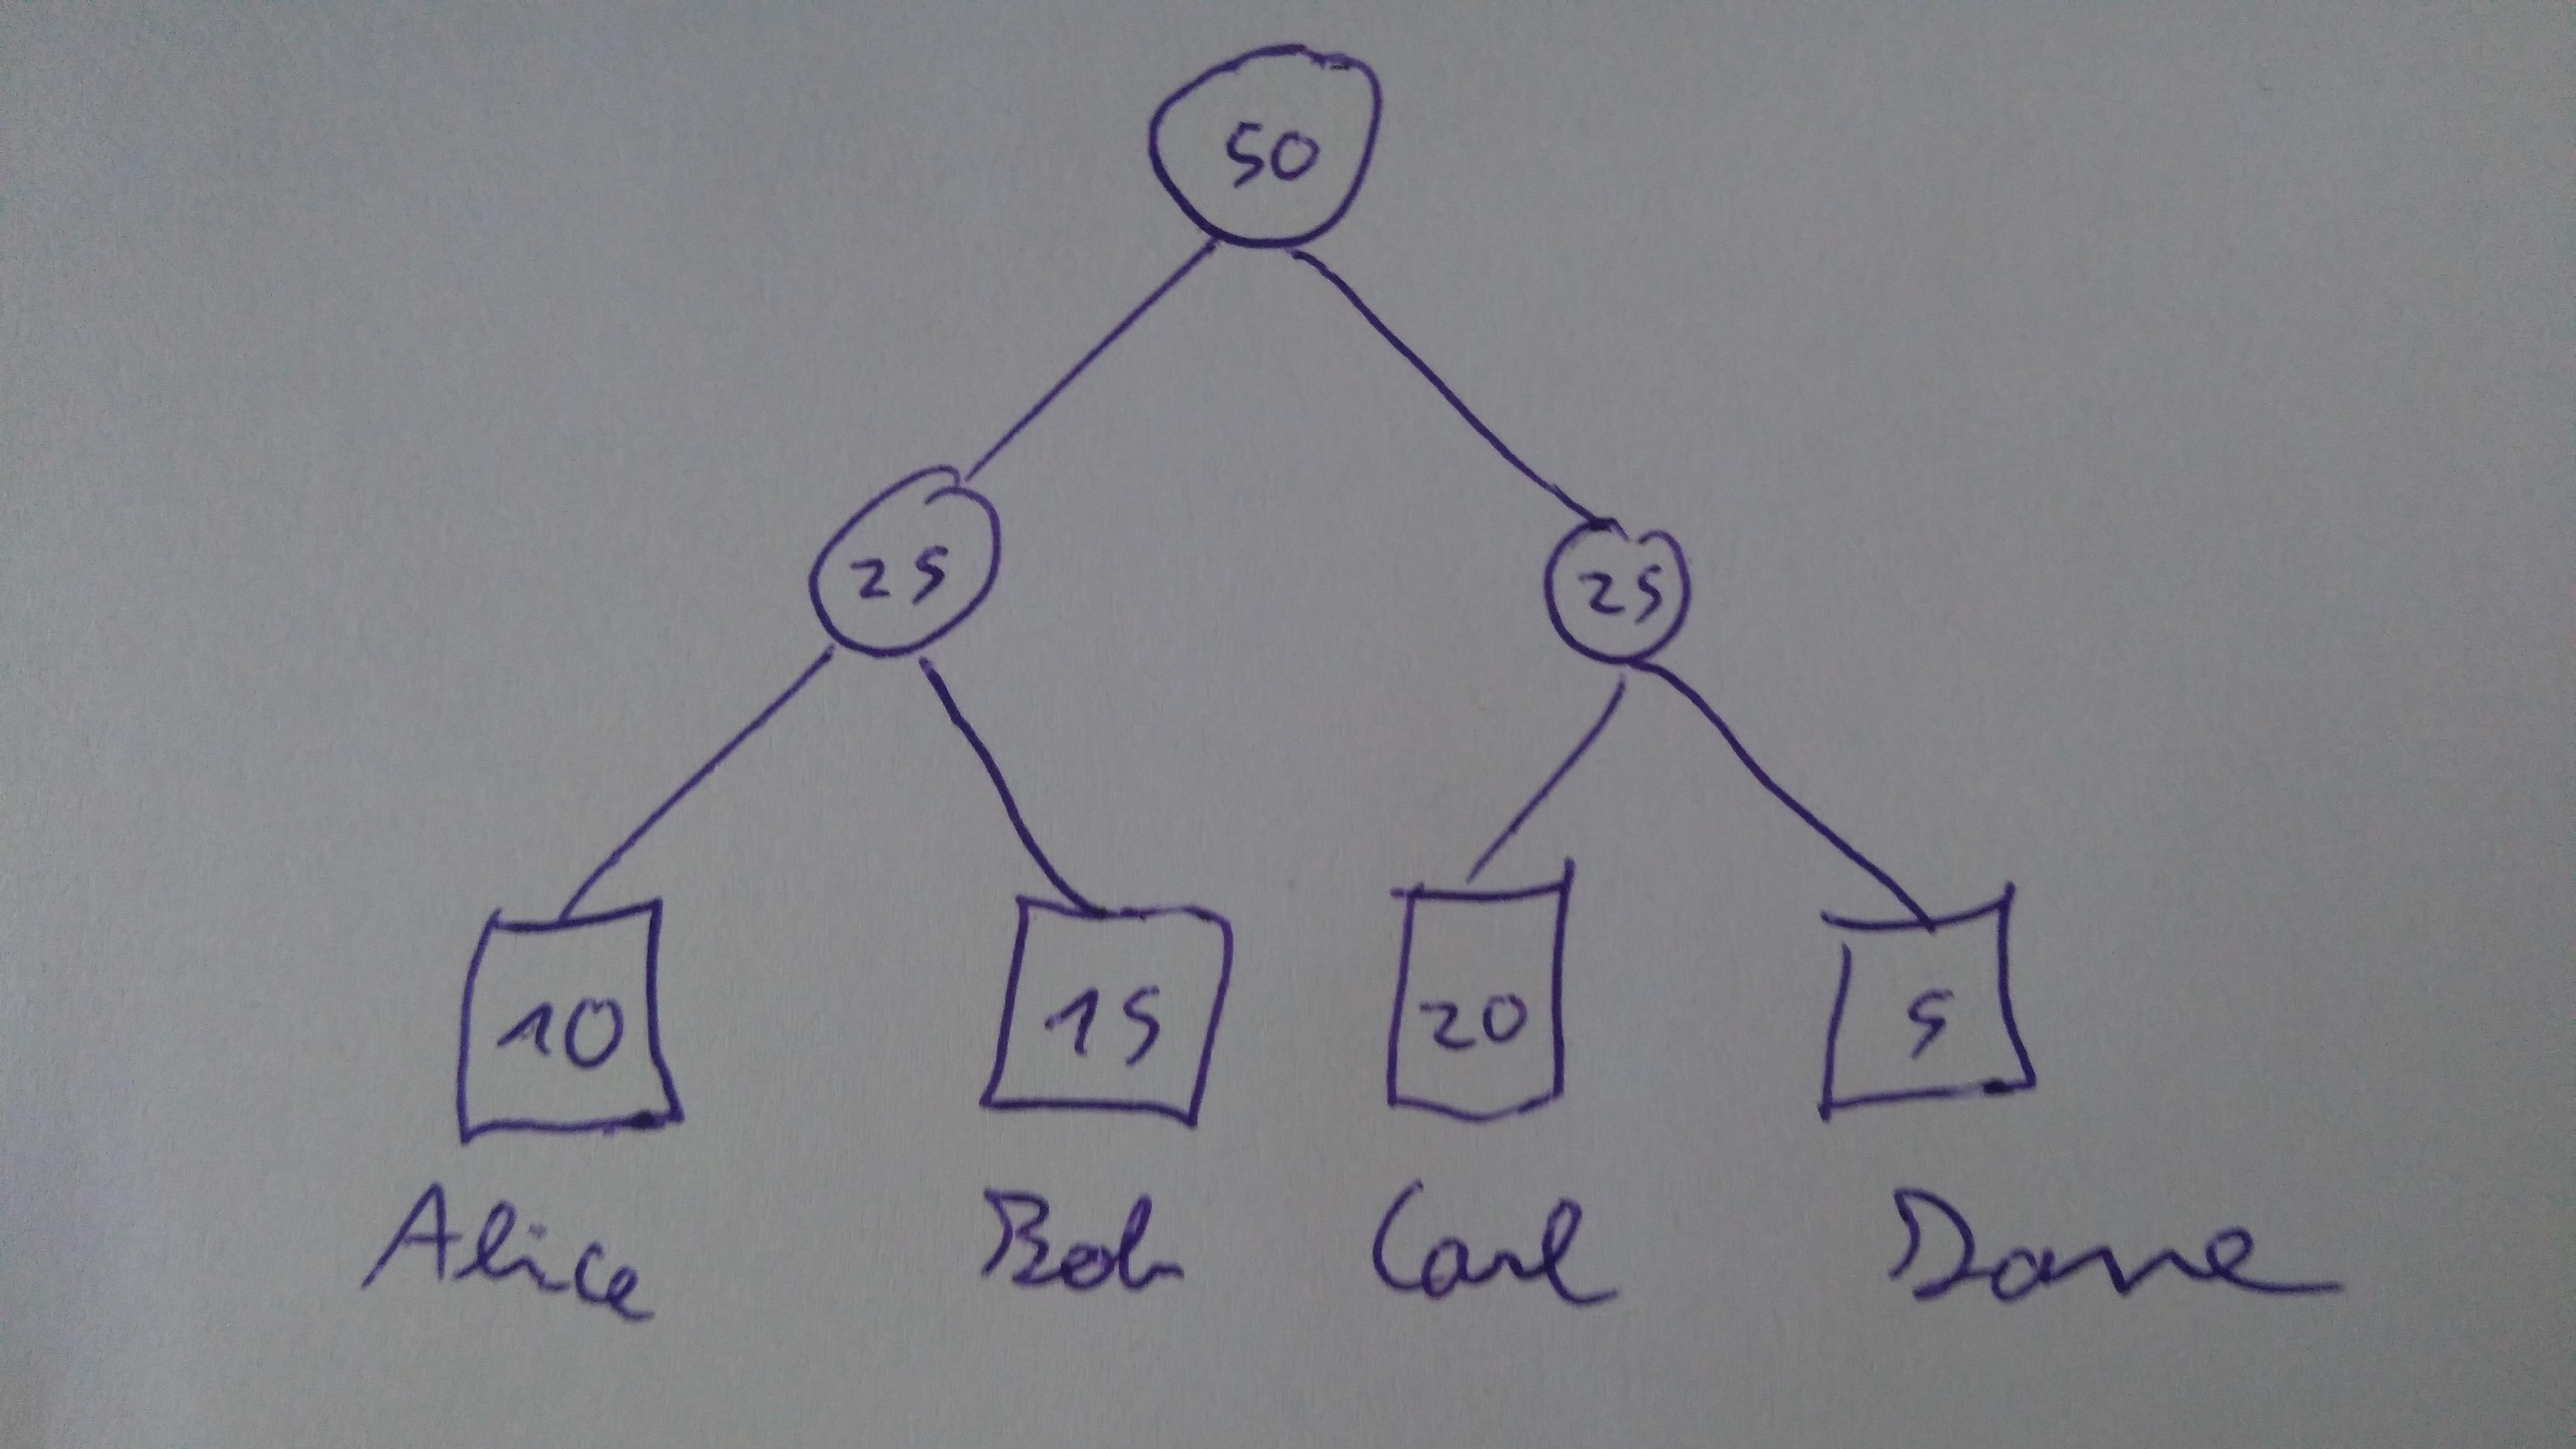 base-sum-tree